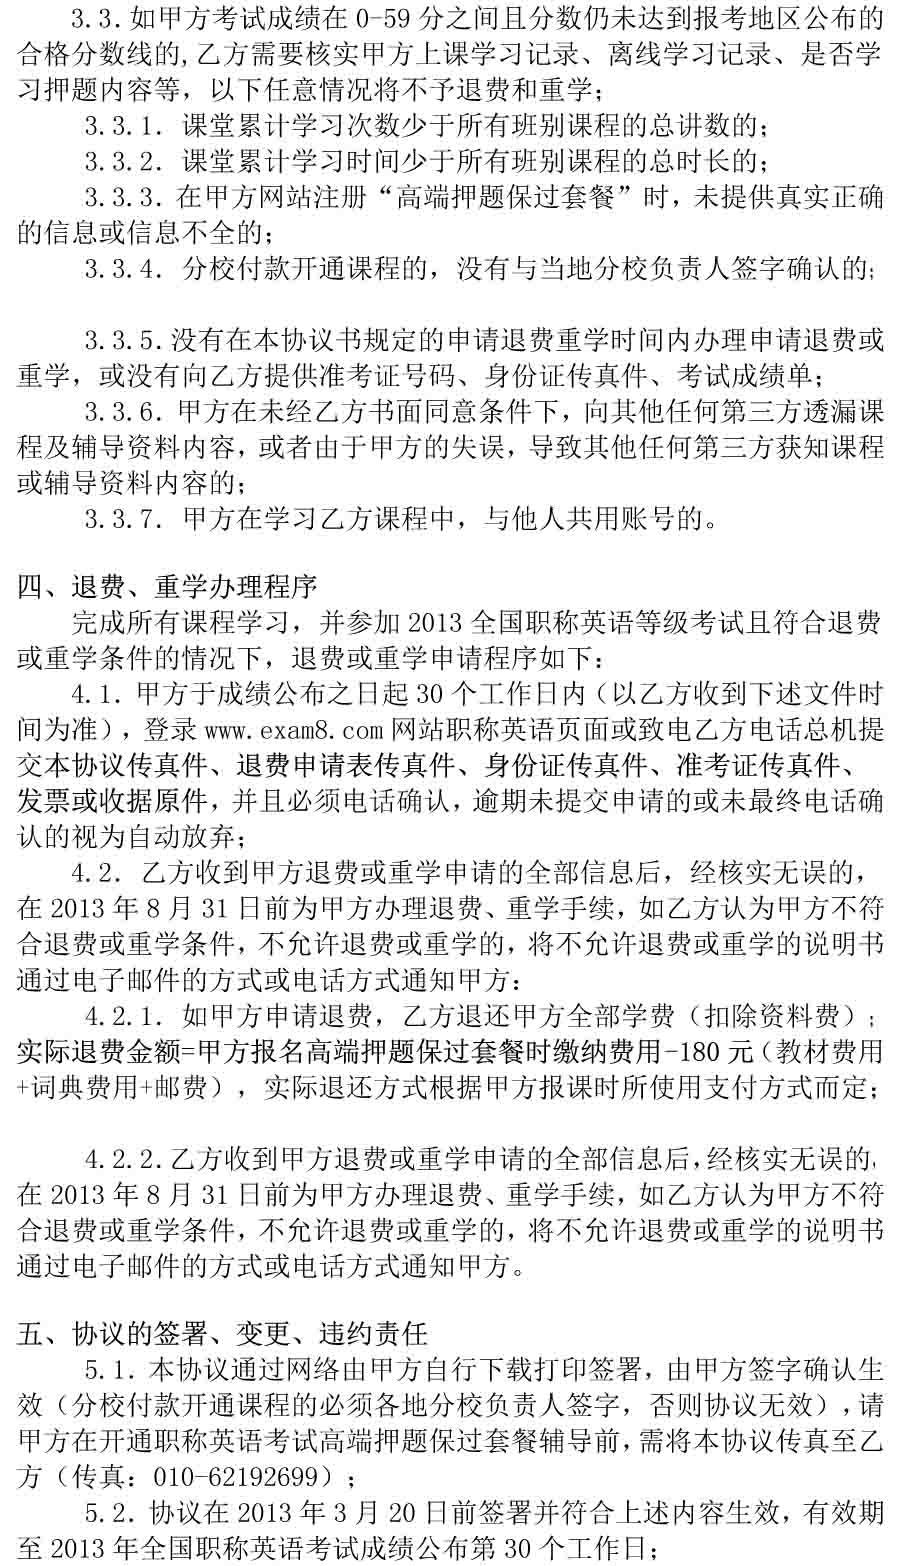 2013职称英语押题_天一2013全国职称英语考试真题汇编及详解综